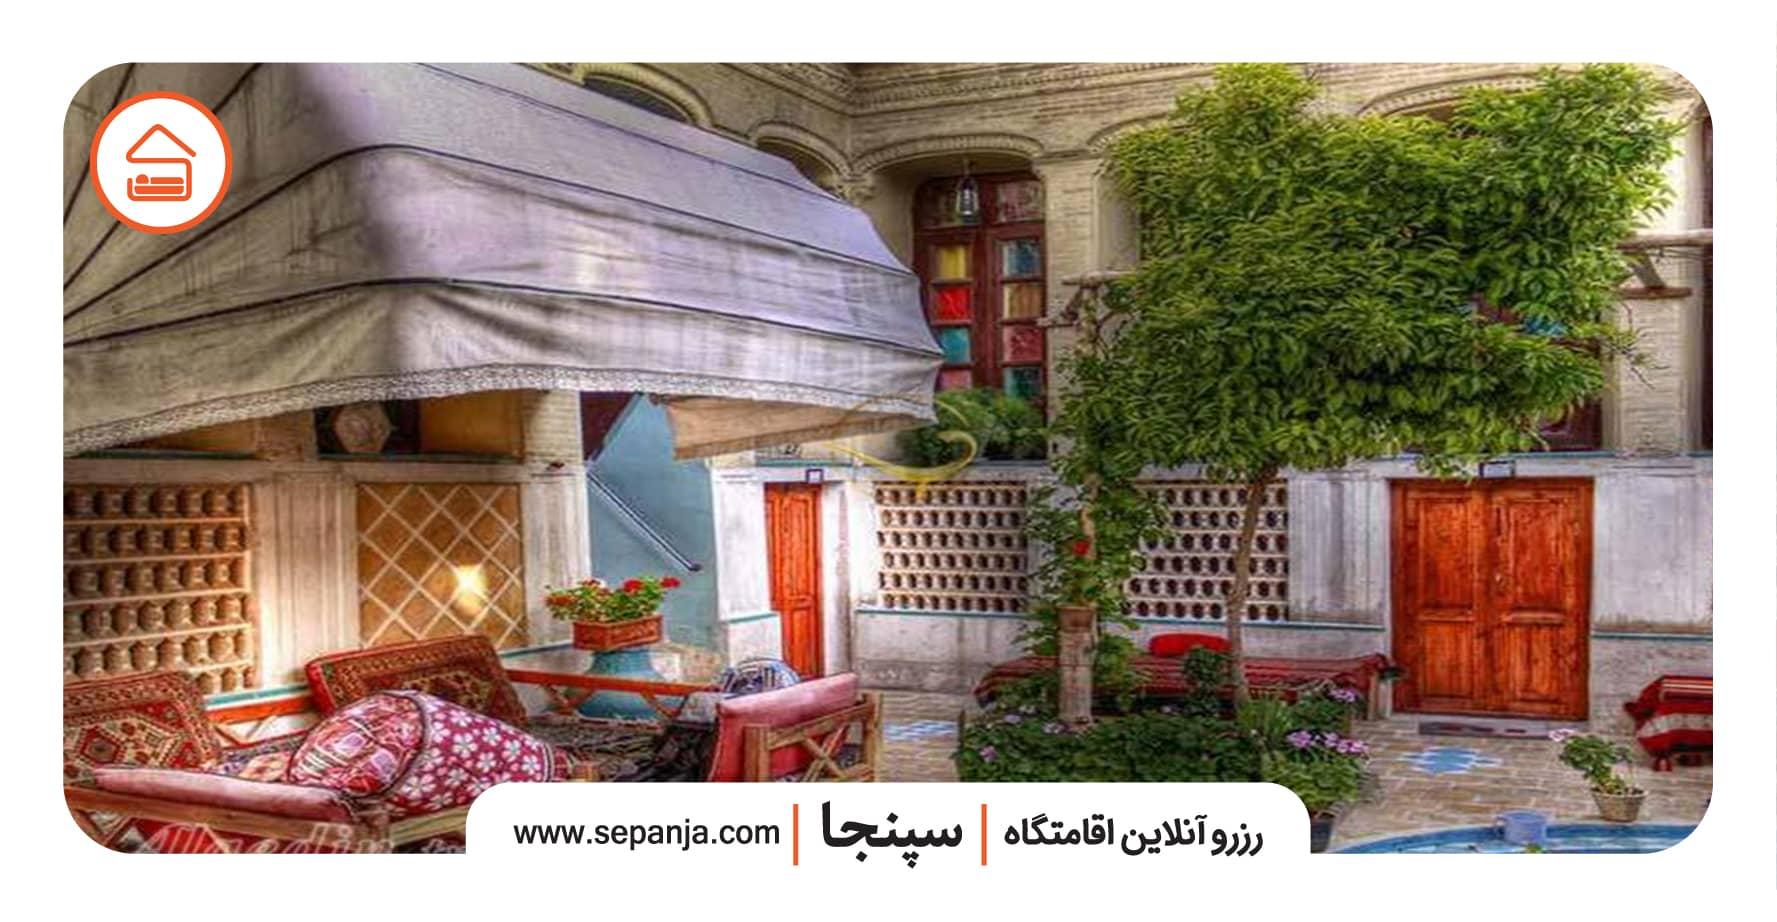 نمایی از خانه پرهامی شیراز